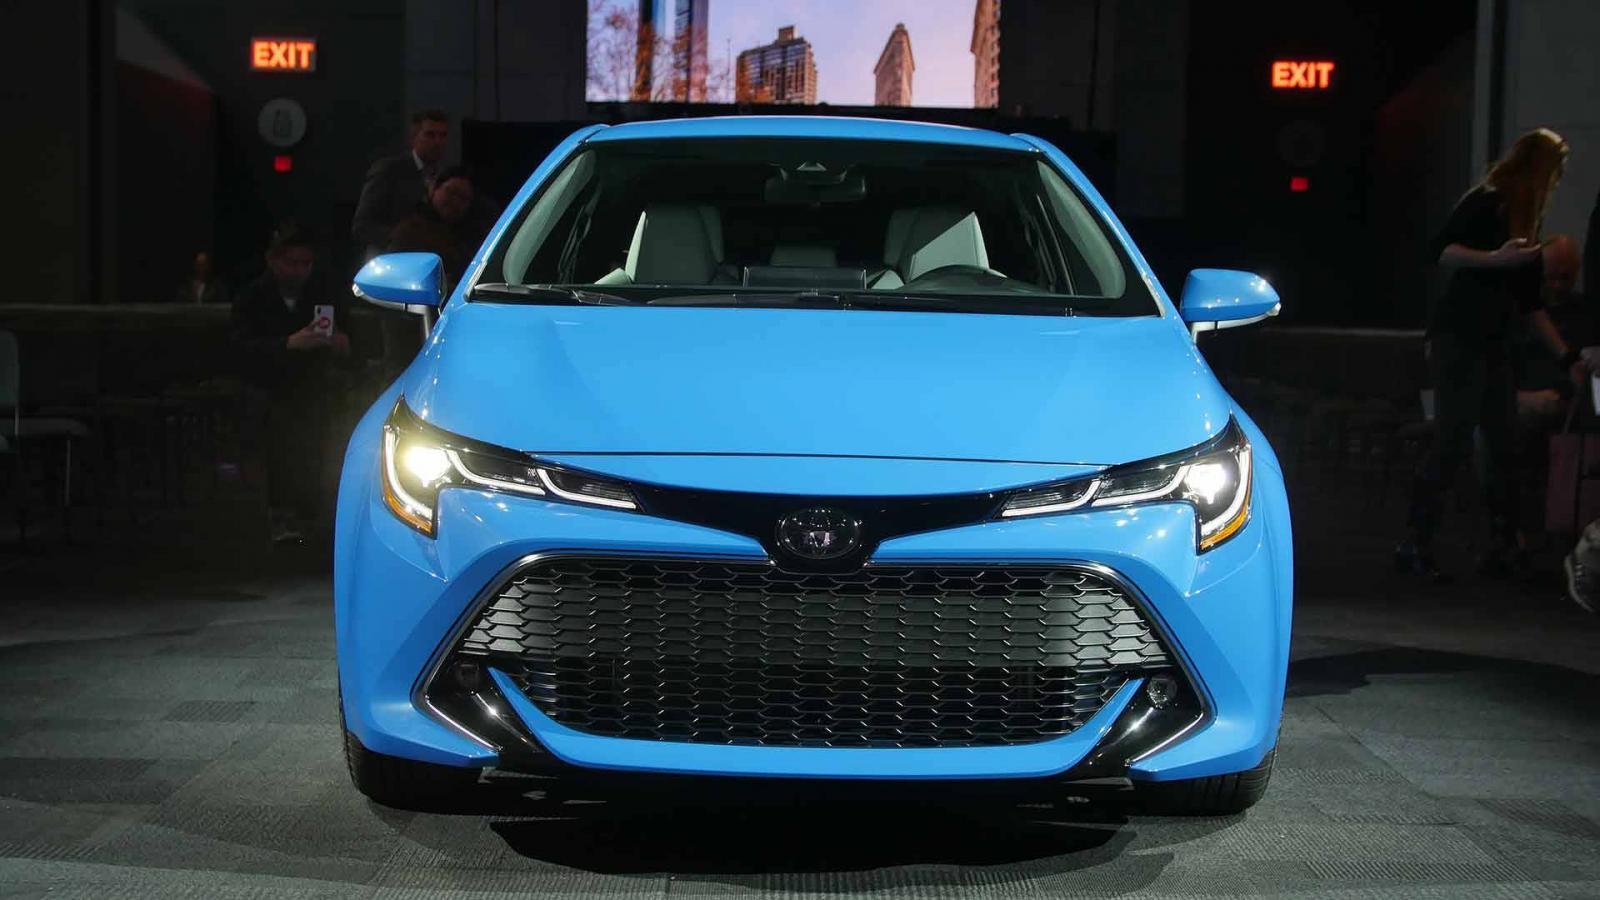 ВСША показали новую модель Toyota Corolla Hatchback 2018